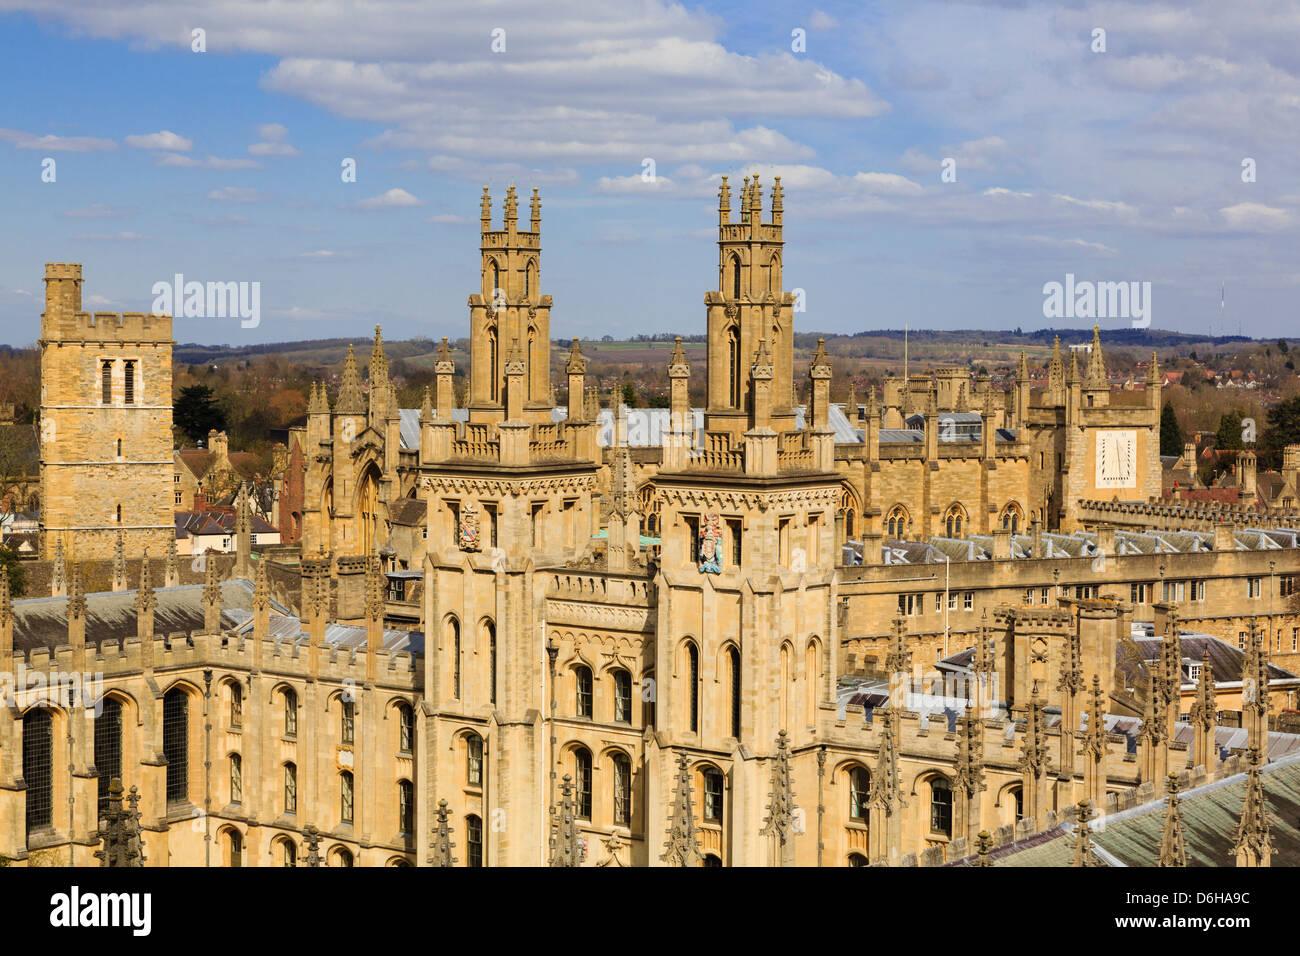 Alta Vista de Hawksmoor torres de All Souls College, la universidad de todos los becarios. Oxford, Oxfordshire, Imagen De Stock